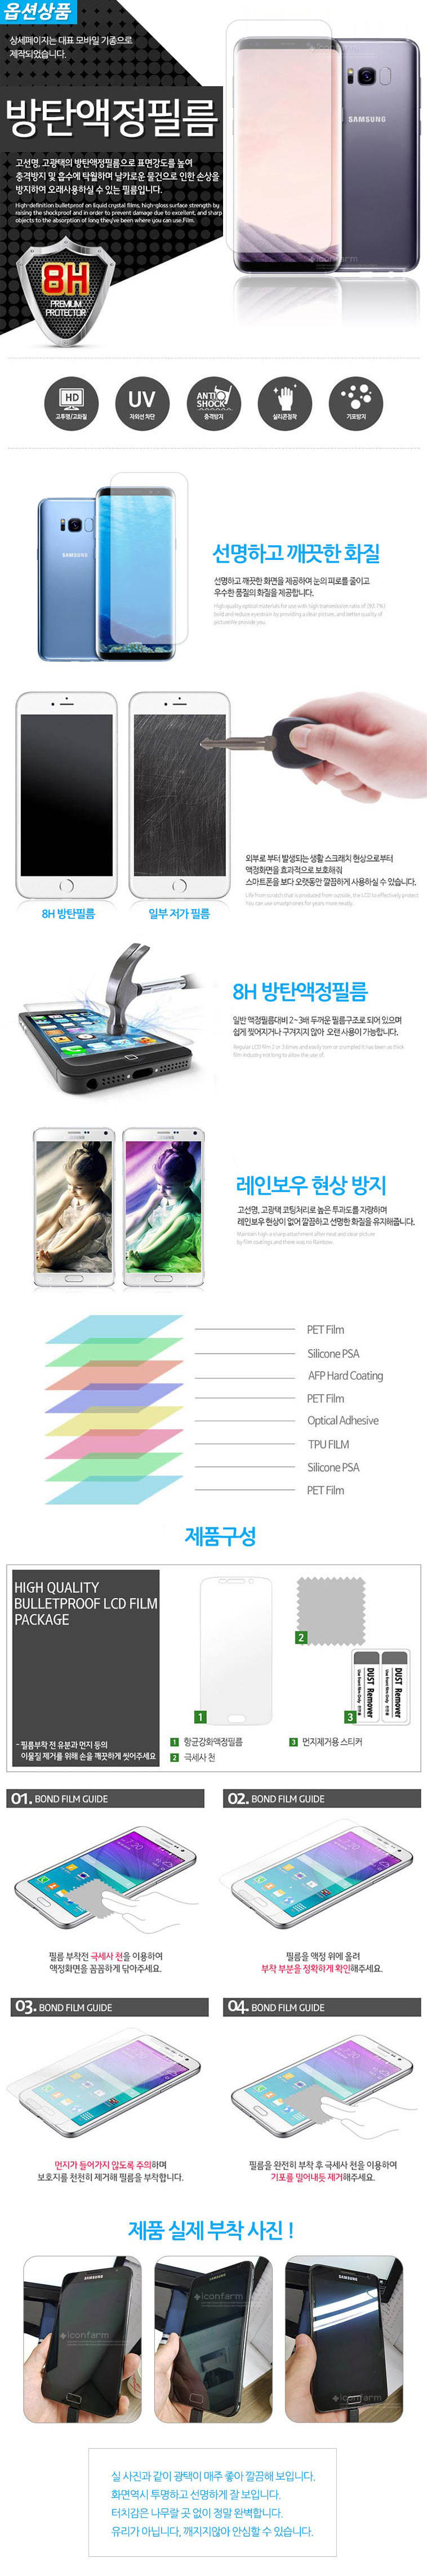 아이폰7플러스 Cocod 가죽 지퍼 지갑 다이어리 케이스 - 아이콘팜, 38,920원, 케이스, 아이폰7플러스/8플러스